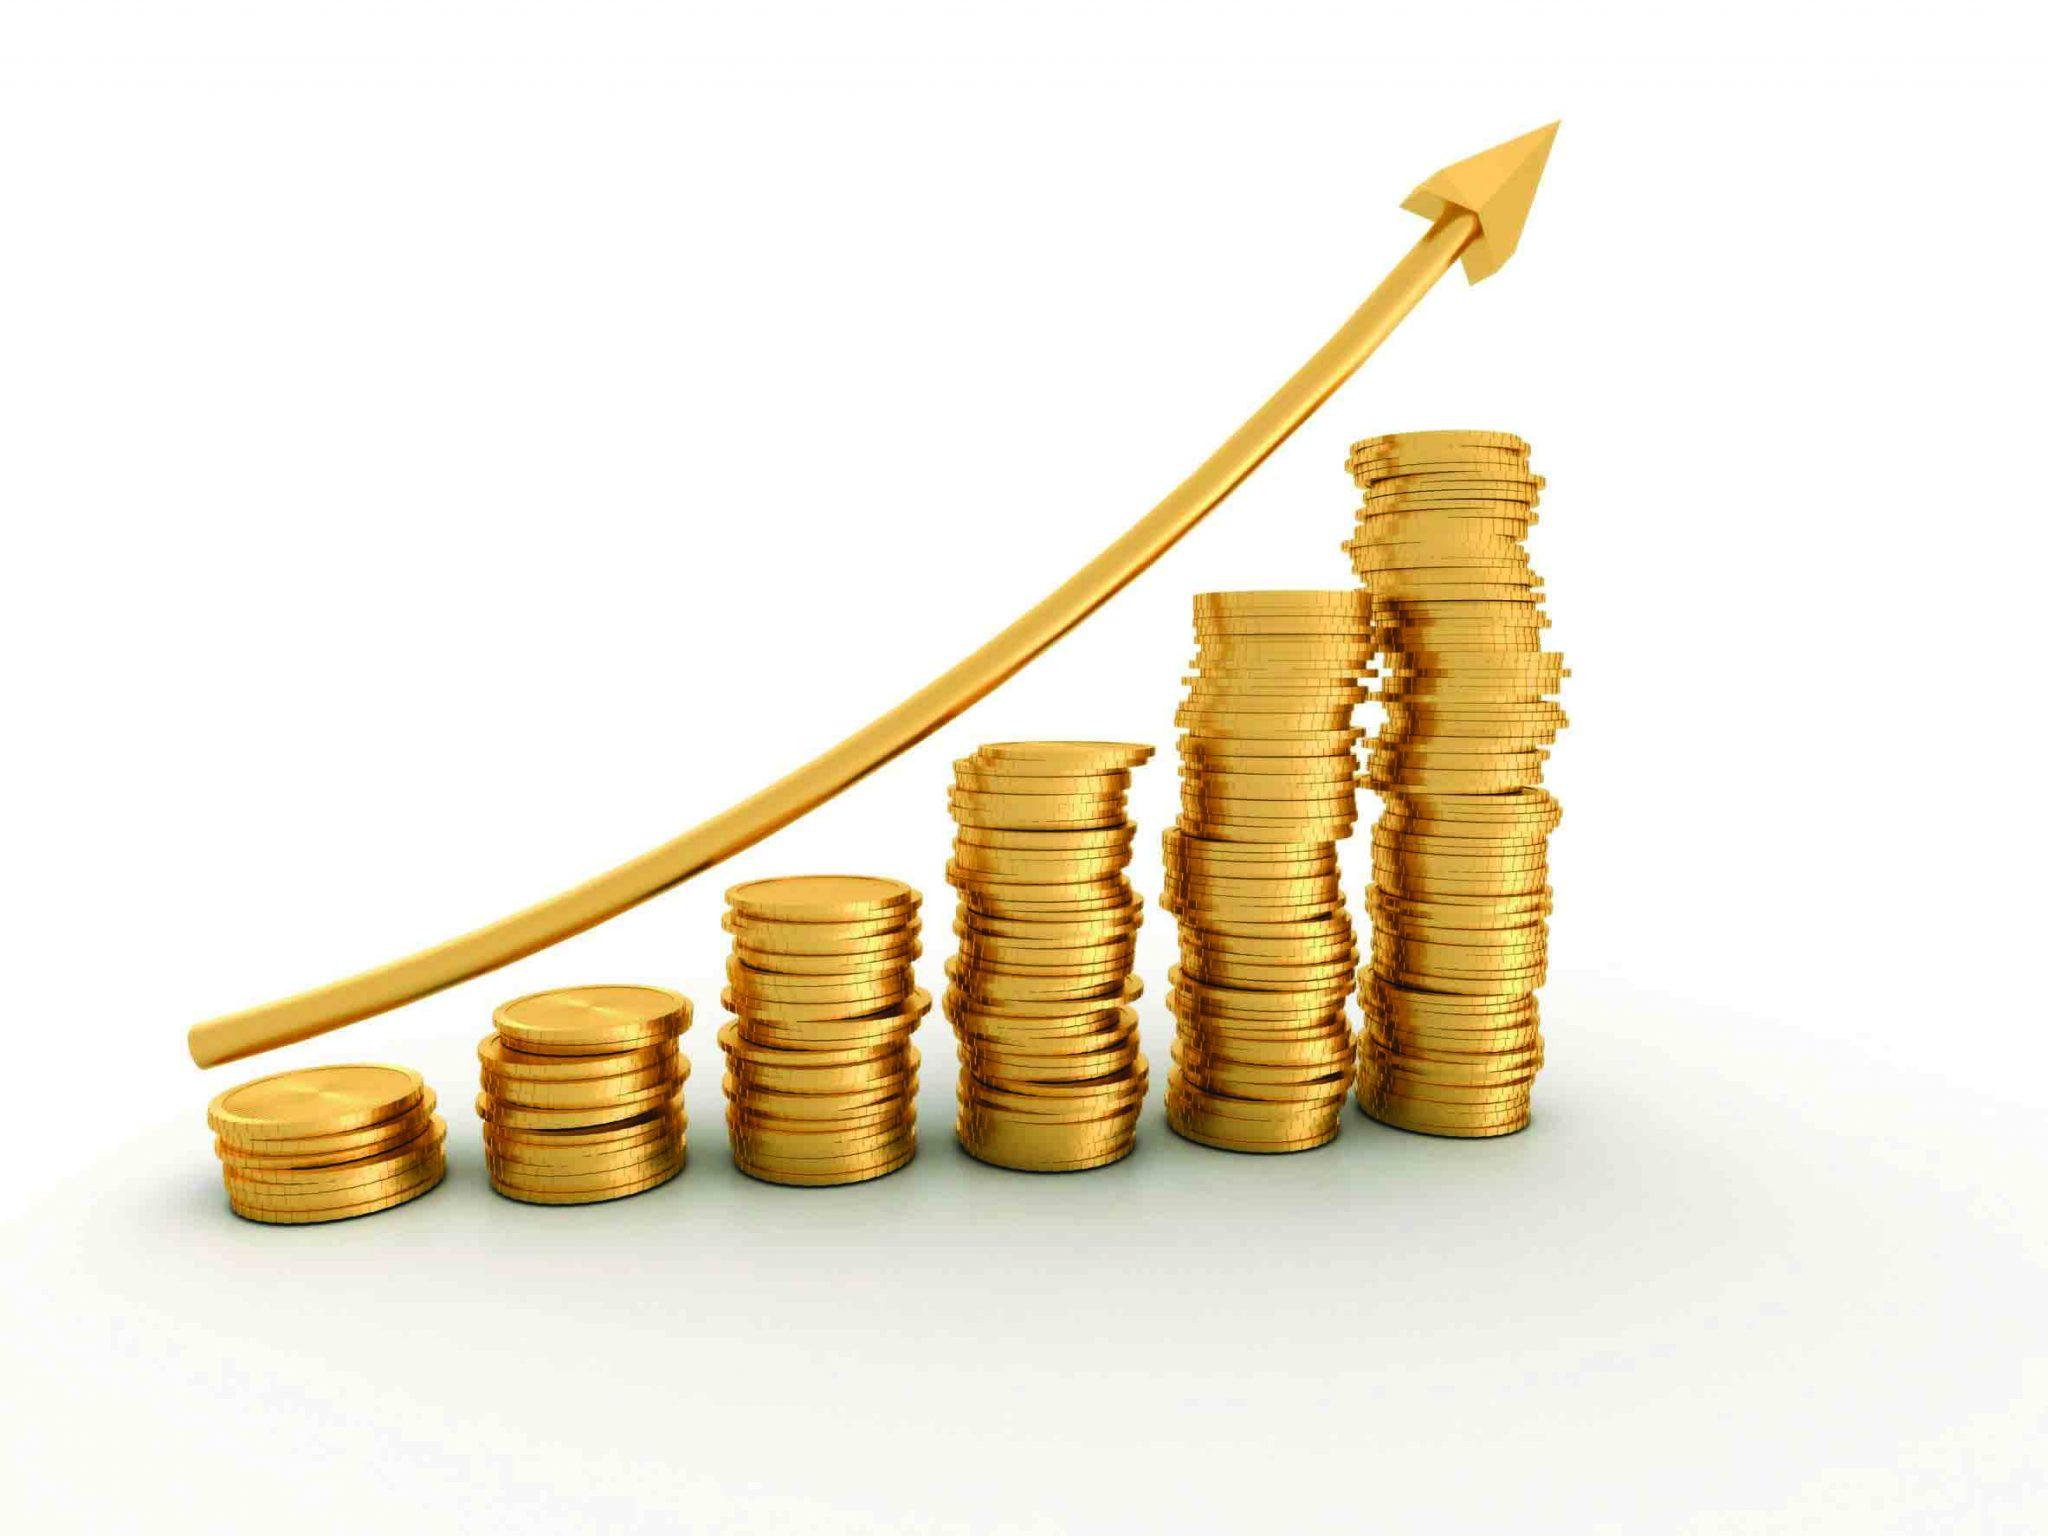 استراتژیهای توسعه اقتصادی کشورهای مختلف جهان(1)- پایگاه اینترنتی دانستنی ایران